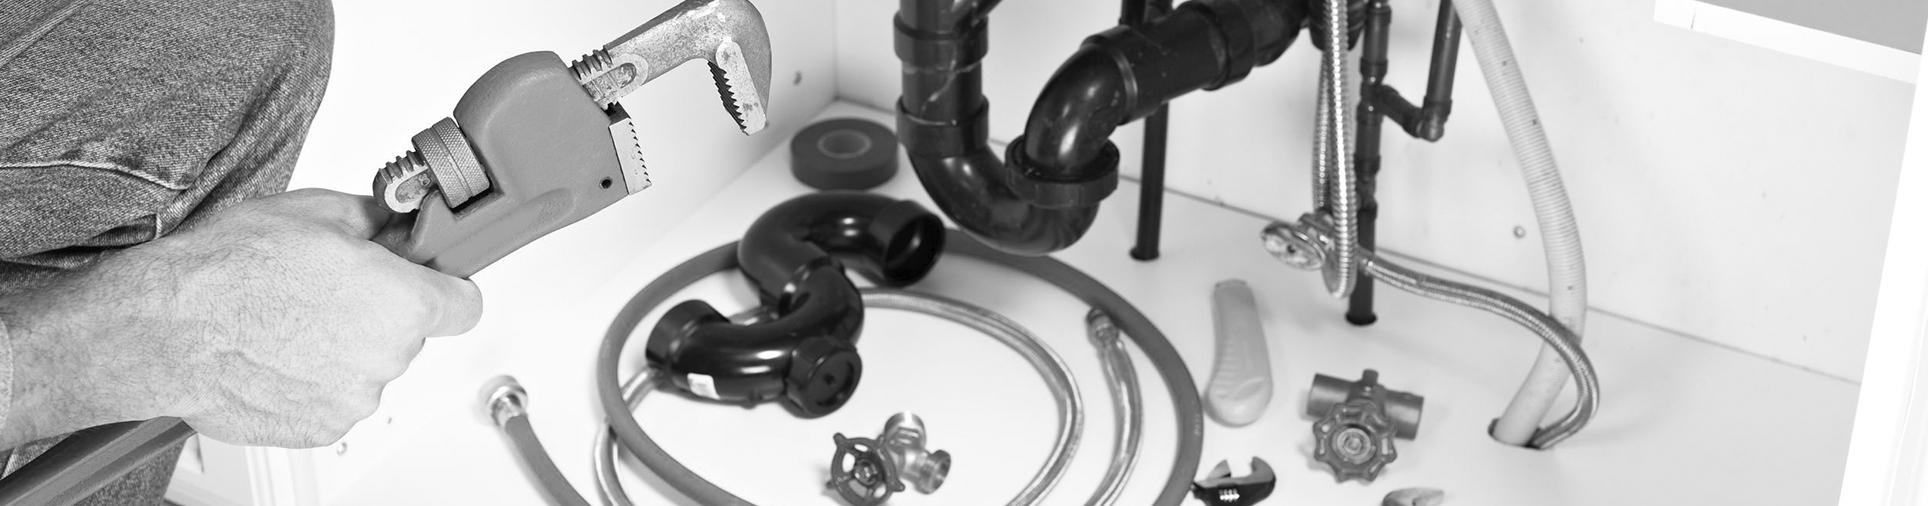 Logis Energies, votre plombier chauffagiste sur Bordeaux et CUB (Bordeaux métropole), installateur de confiance, vous propose ses services d'installation de Chaudière.